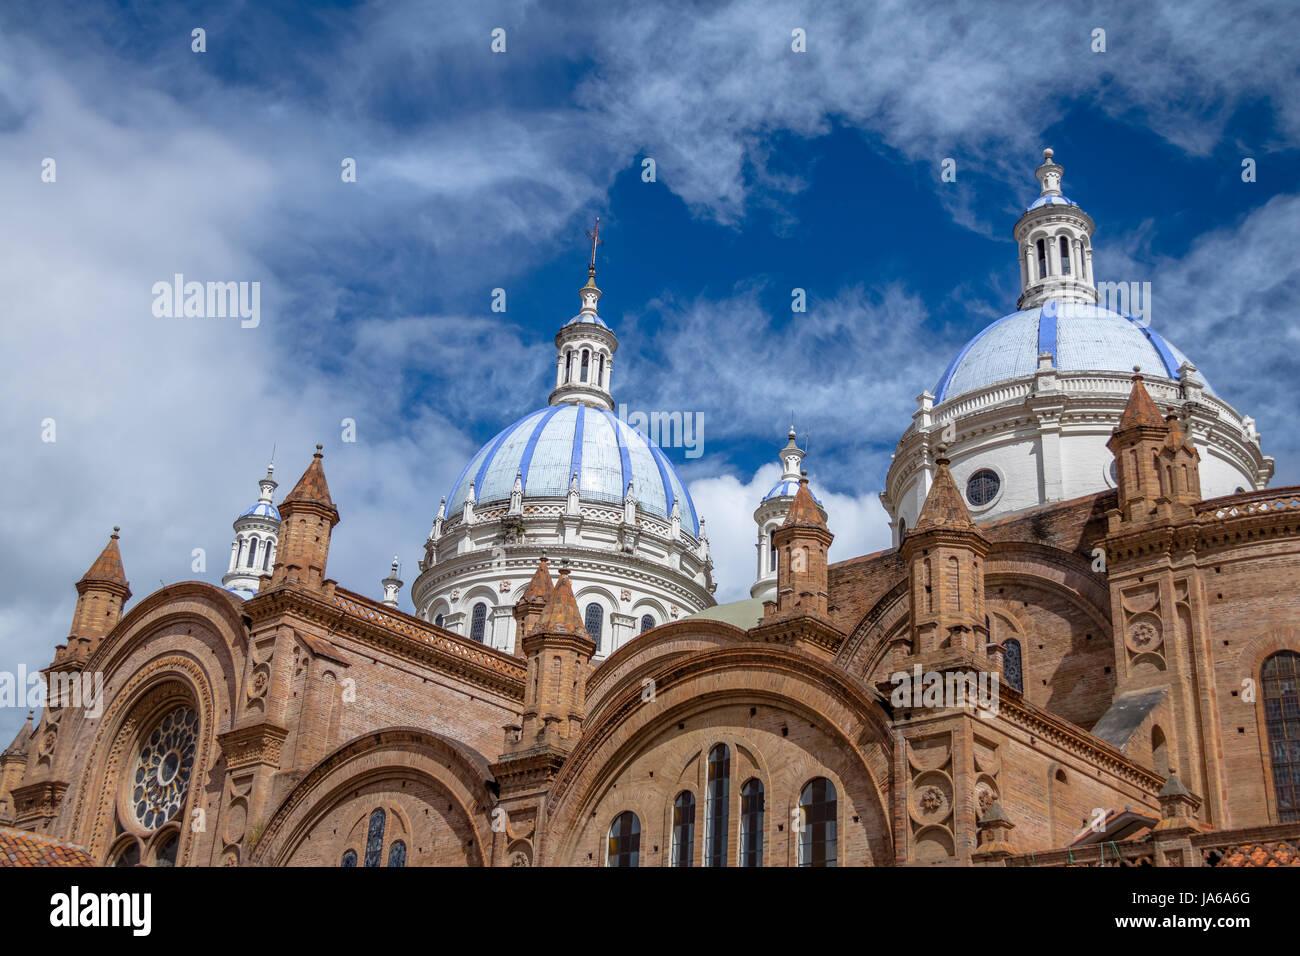 Blaue Kuppel der Inmaculada Concepción Kathedrale - Cuenca, Ecuador Stockbild